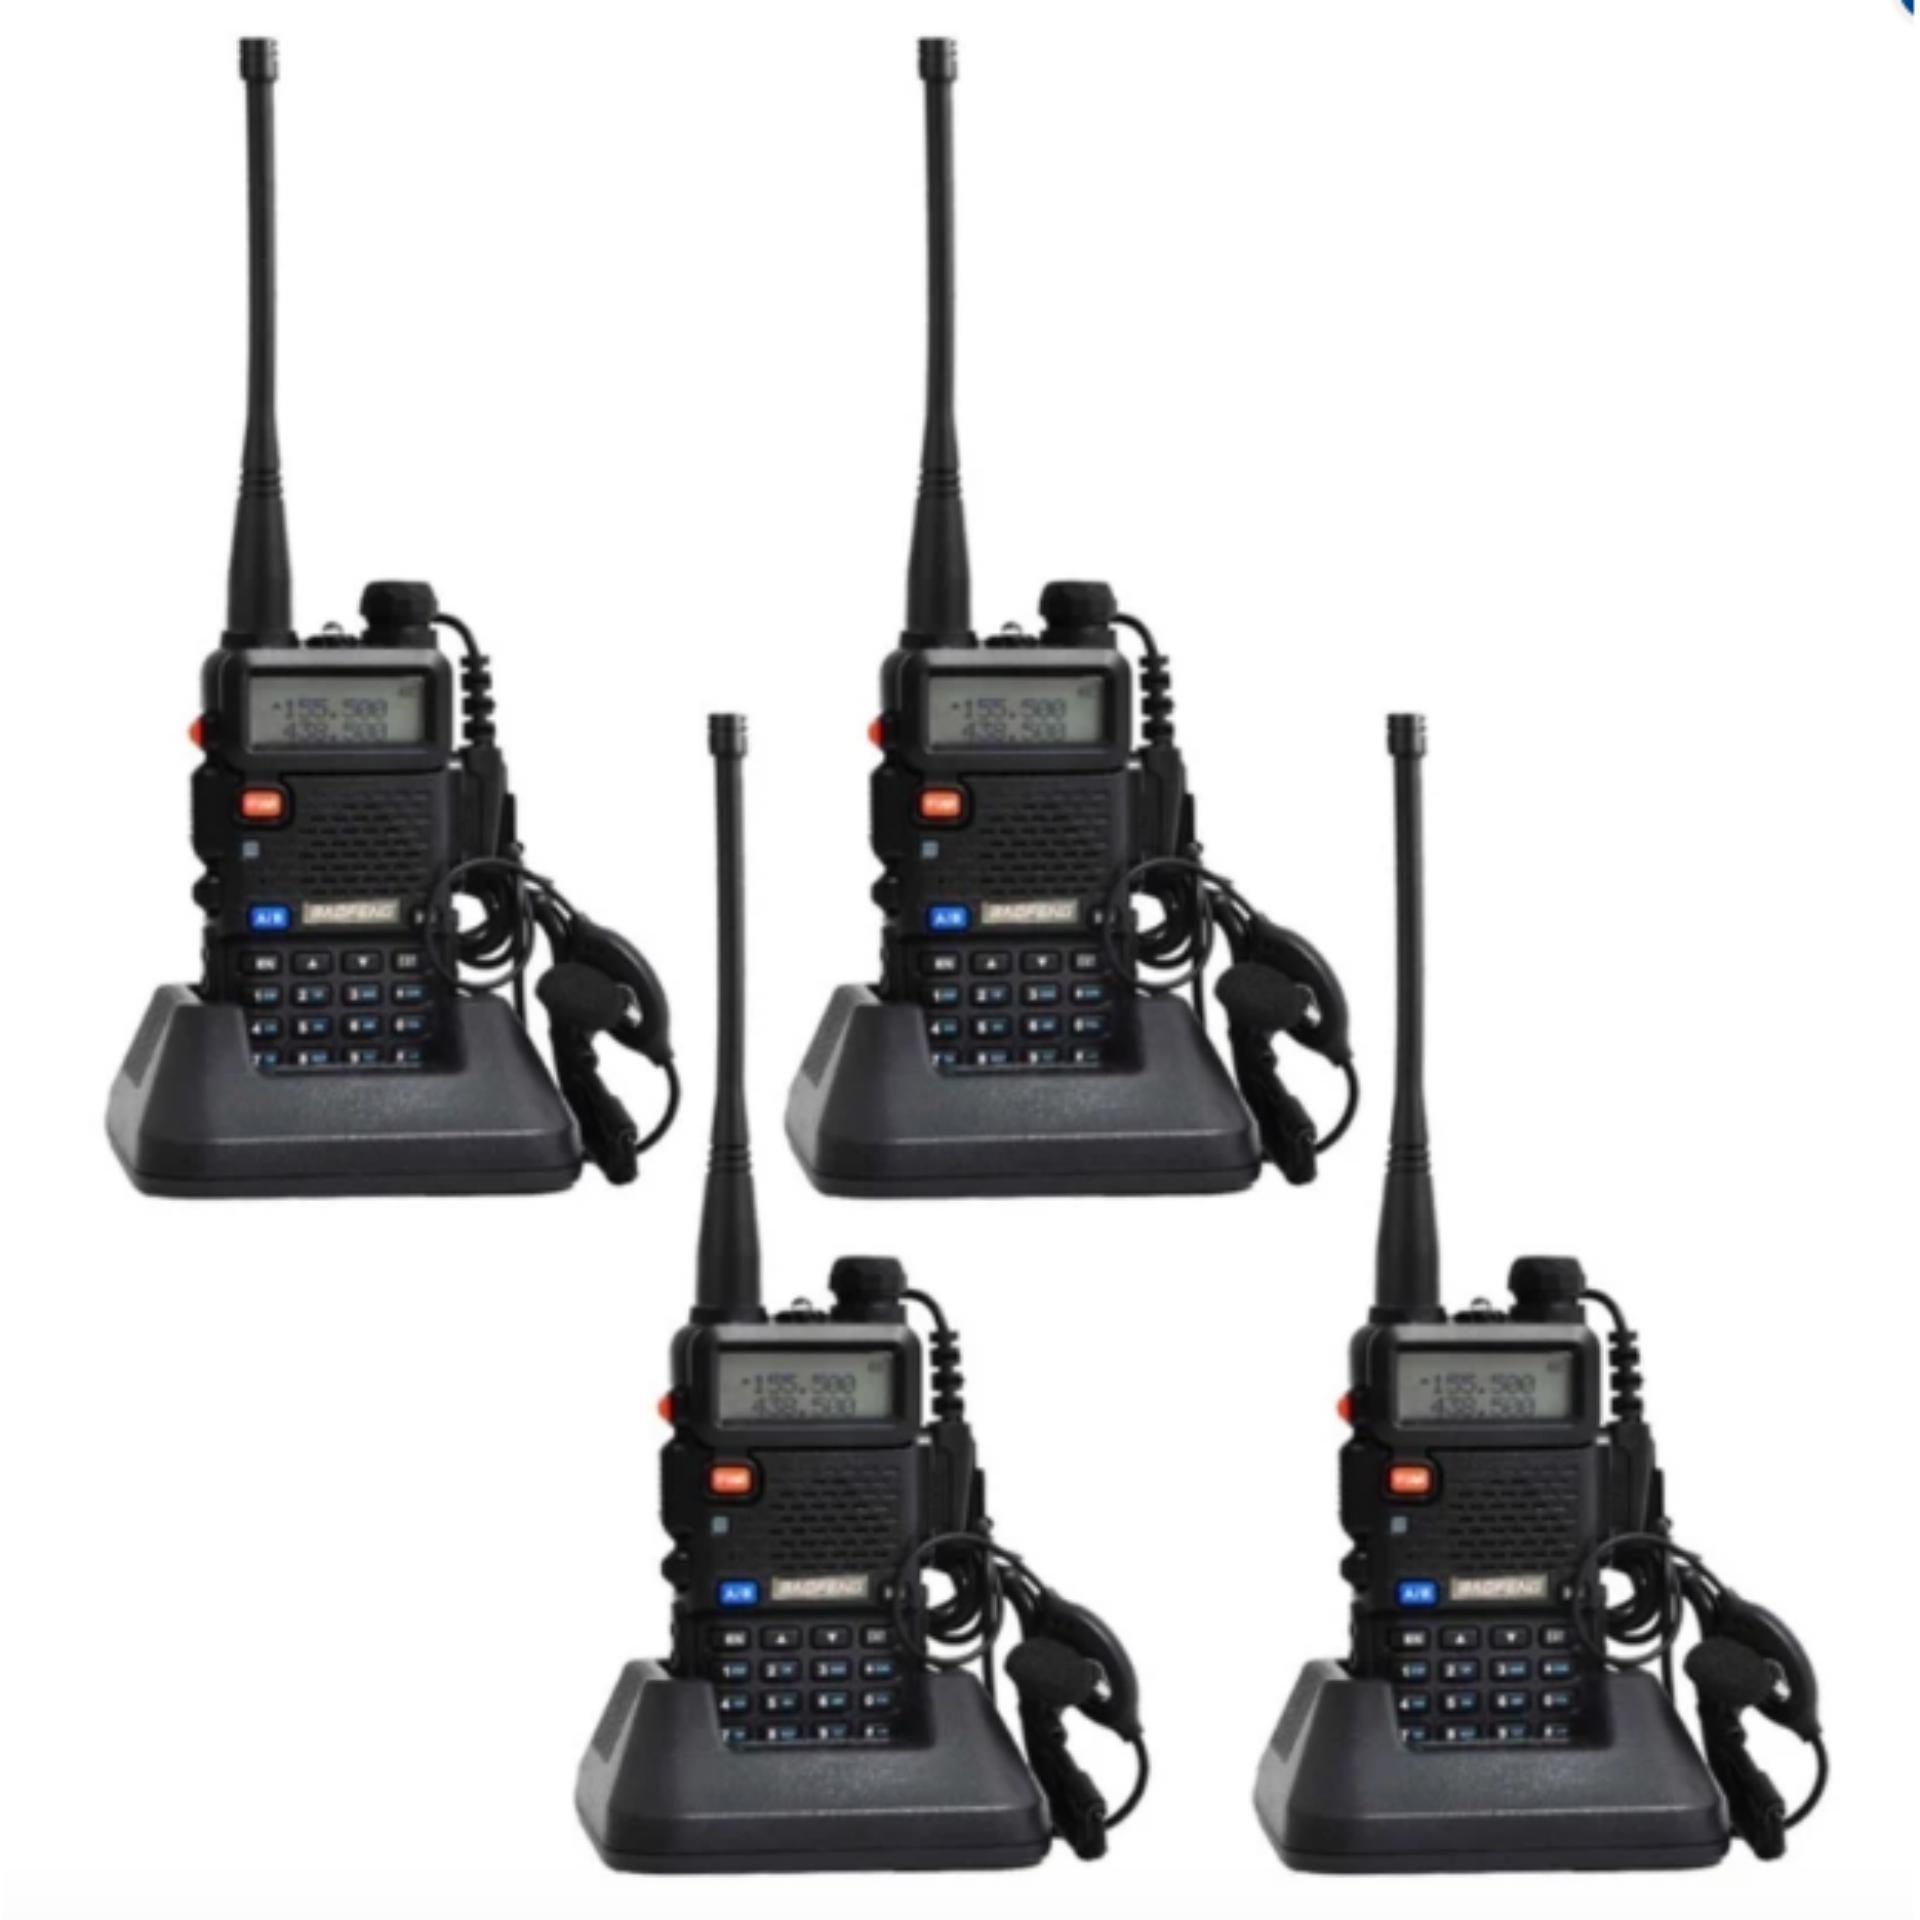 Philippines Baofeng Uv 5r Walkie Talkie Dual Band Radio Ht Bf Uv5r Uhf Vhf Set Of 4black